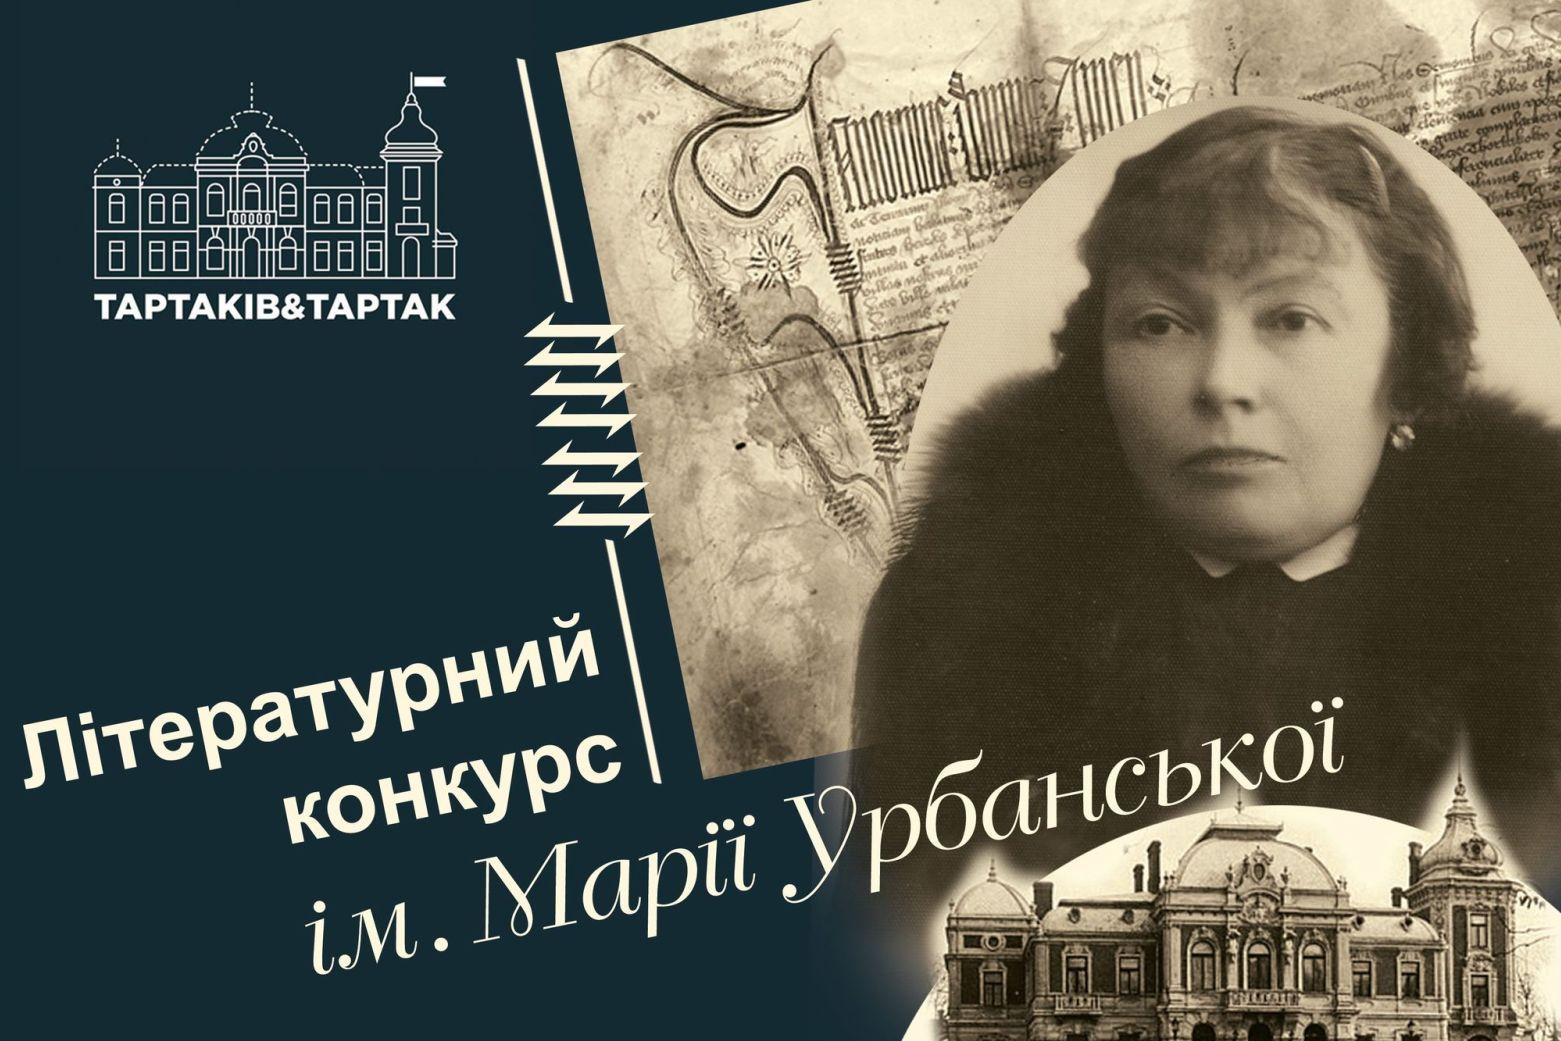 Літературний конкурс ім. Марії Урбанської